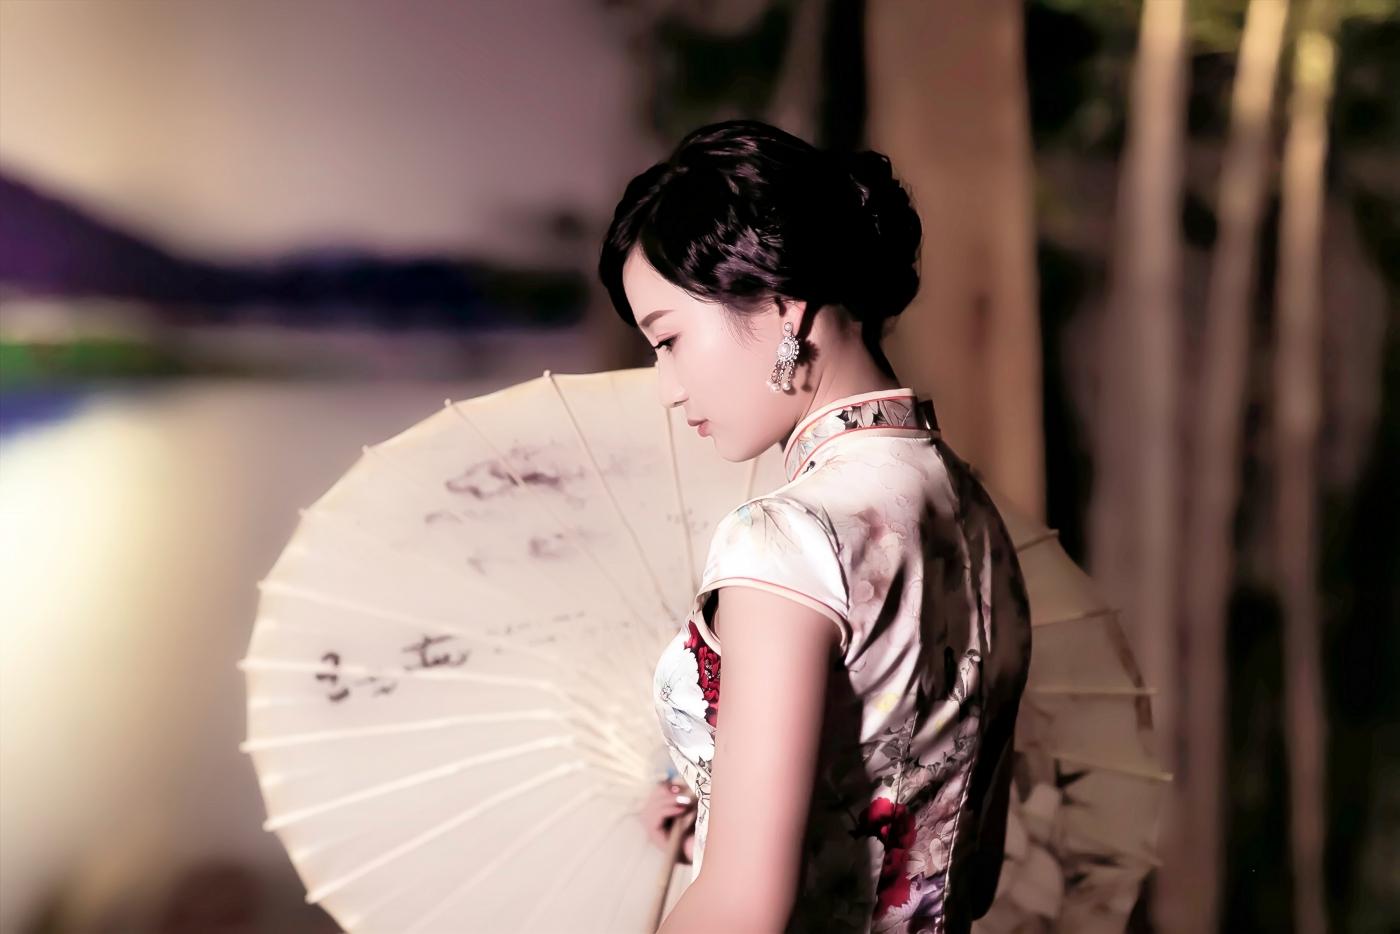 当临沂女孩孔孙懿凡遇到旗袍 一样会像王的女人一样高贵典雅 ..._图1-6